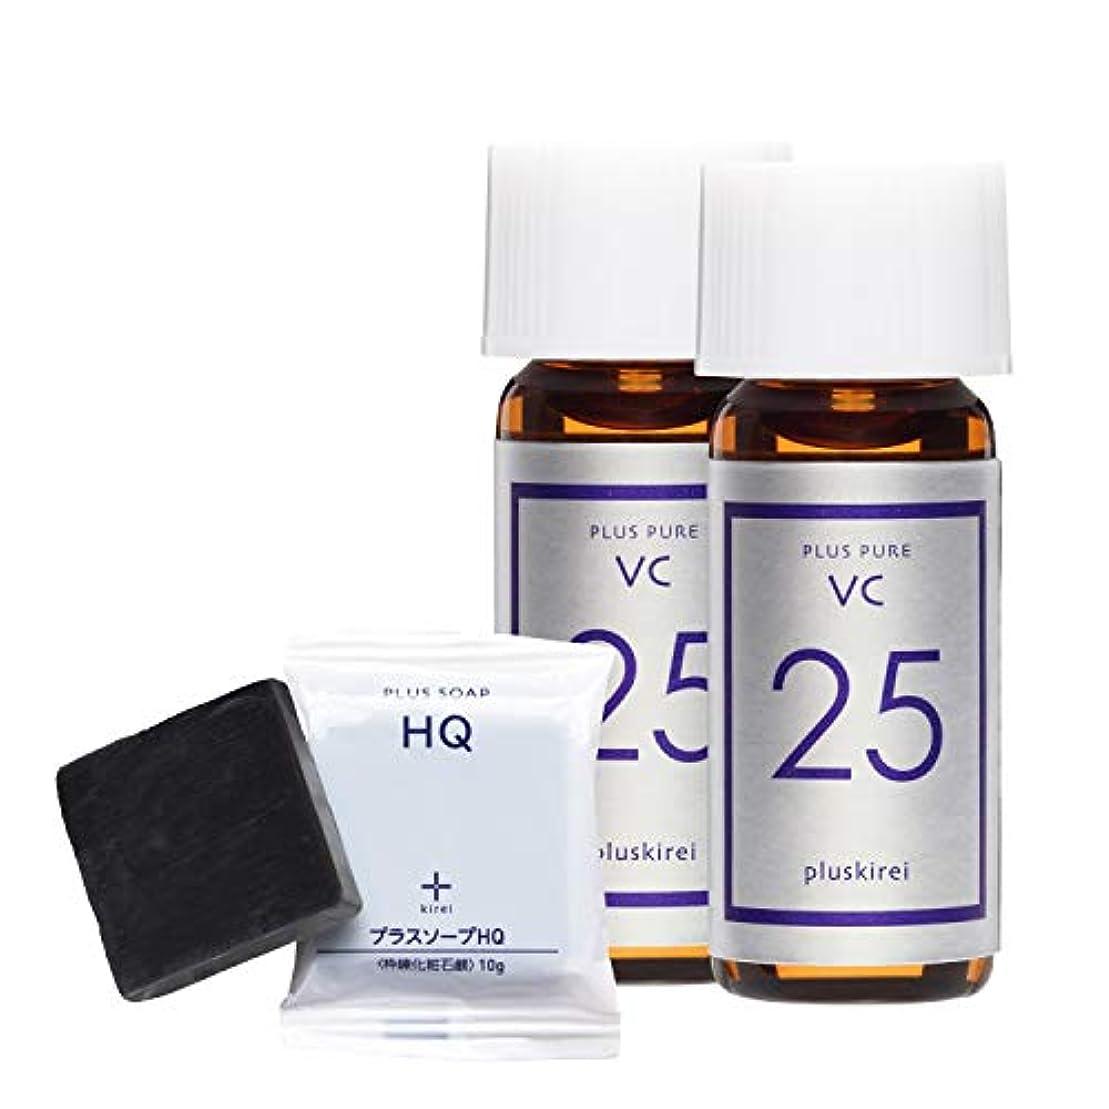 着服普遍的な十年ビタミンC 美容液 プラスキレイ プラスピュアVC25 ピュアビタミンC25%配合 両親媒性美容液 (2mL(1週間お試し)2本+ミニソープ)